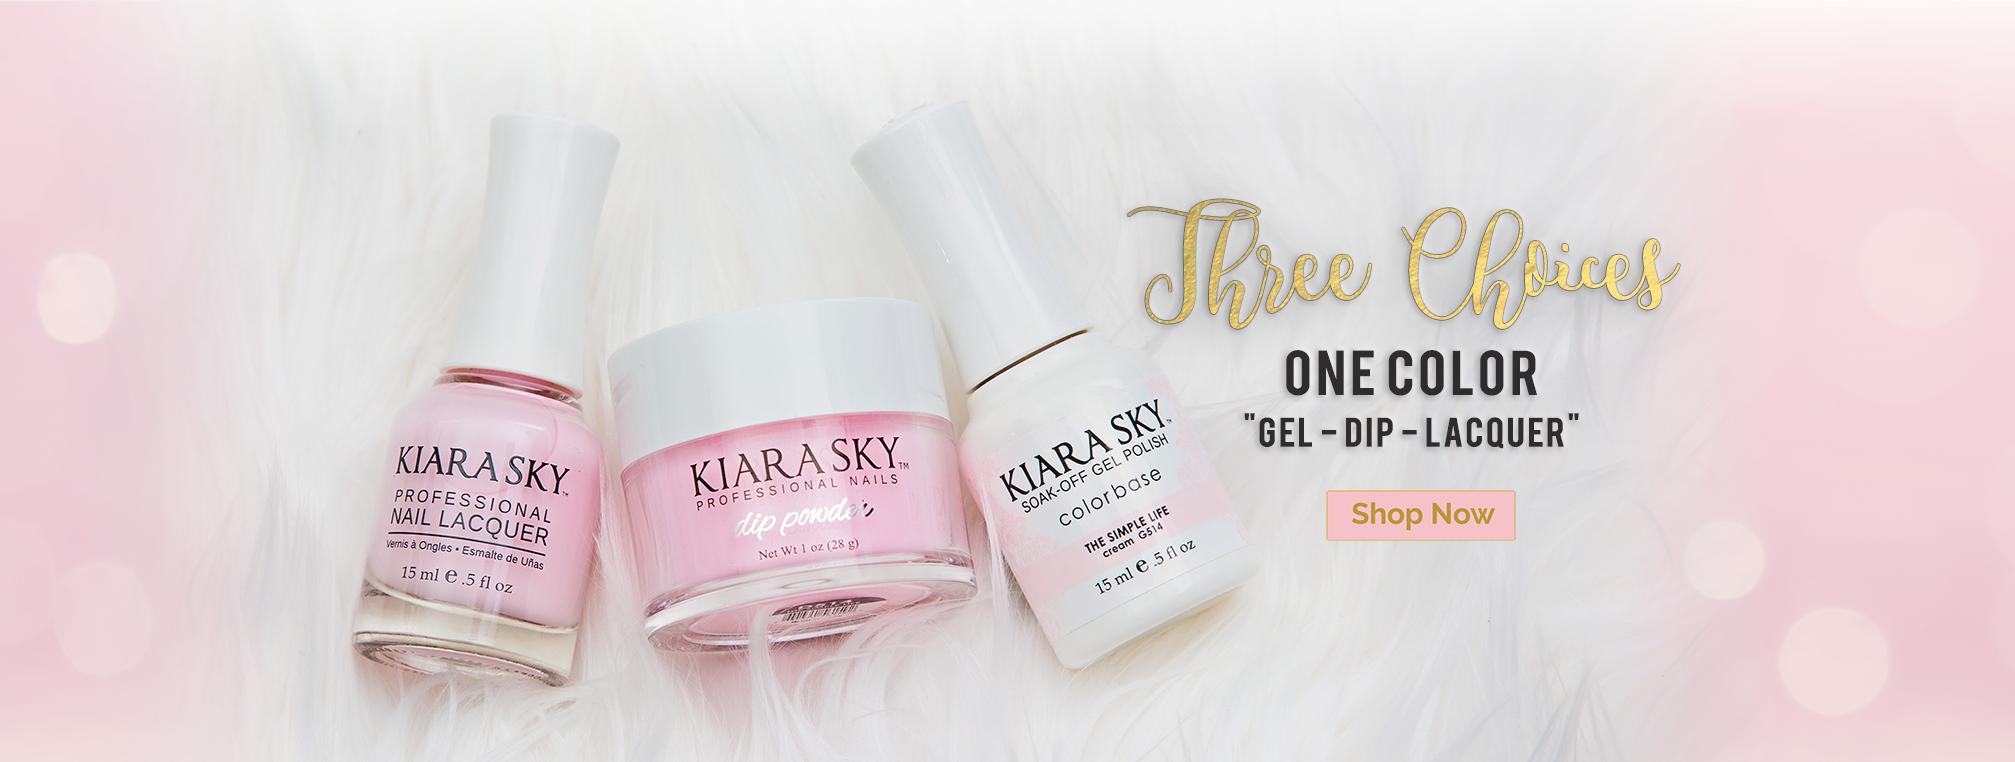 Kiara Sky Professional Nails Dip Powder Gel Polish Nail Lacquer